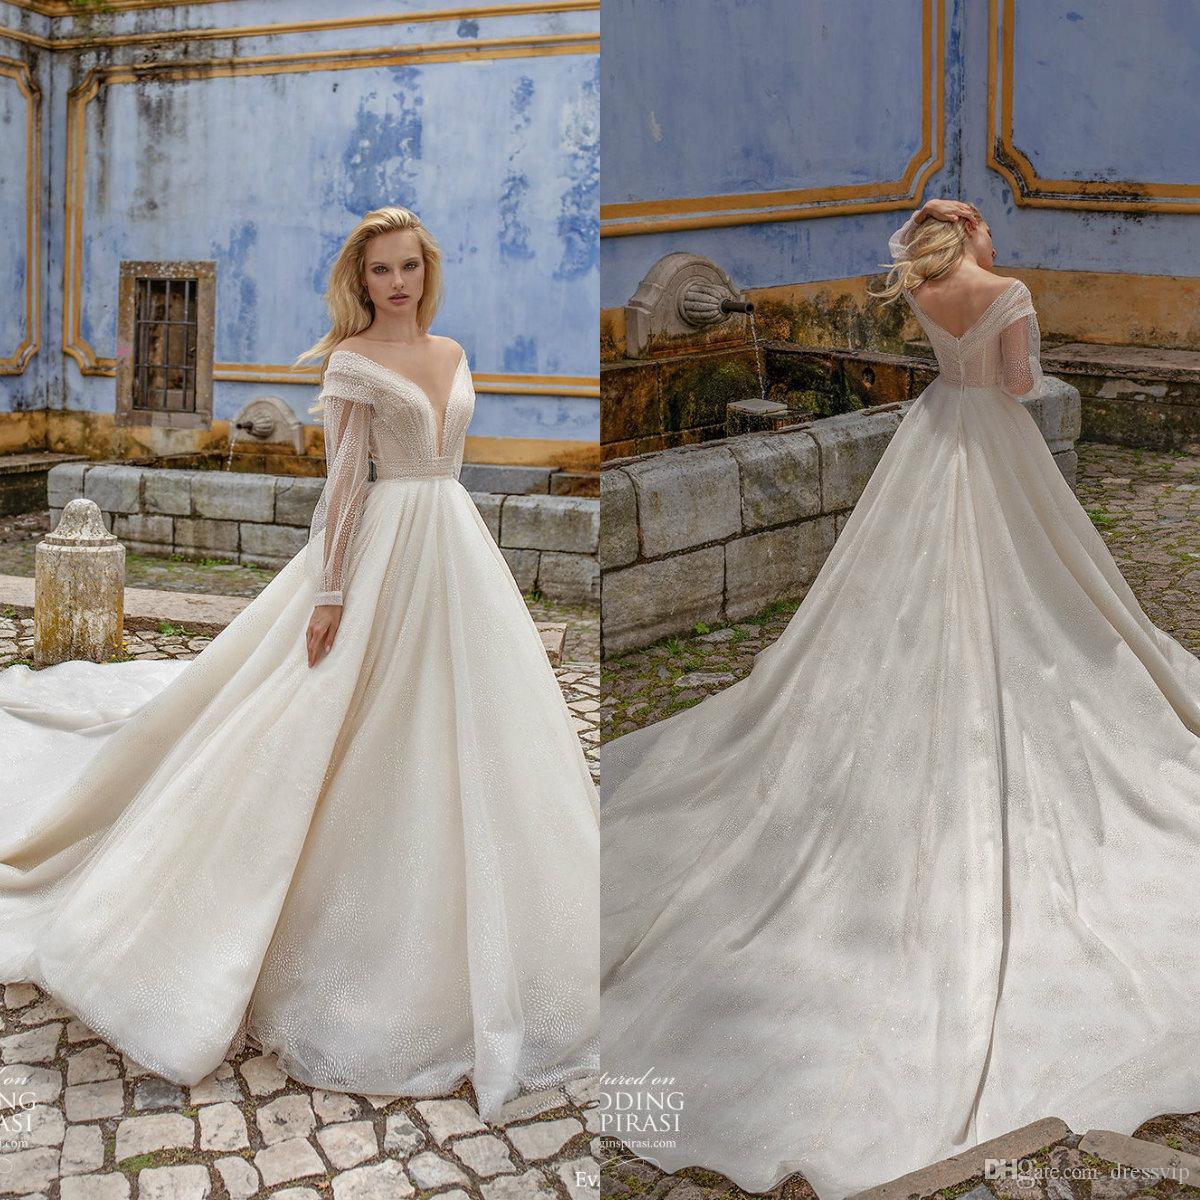 2020 Eva Lendel à manches longues robes de mariée Une ligne dentelle balayage train Bohemian appliques de mariage personnalisé robe élégante Vestidos De Novia